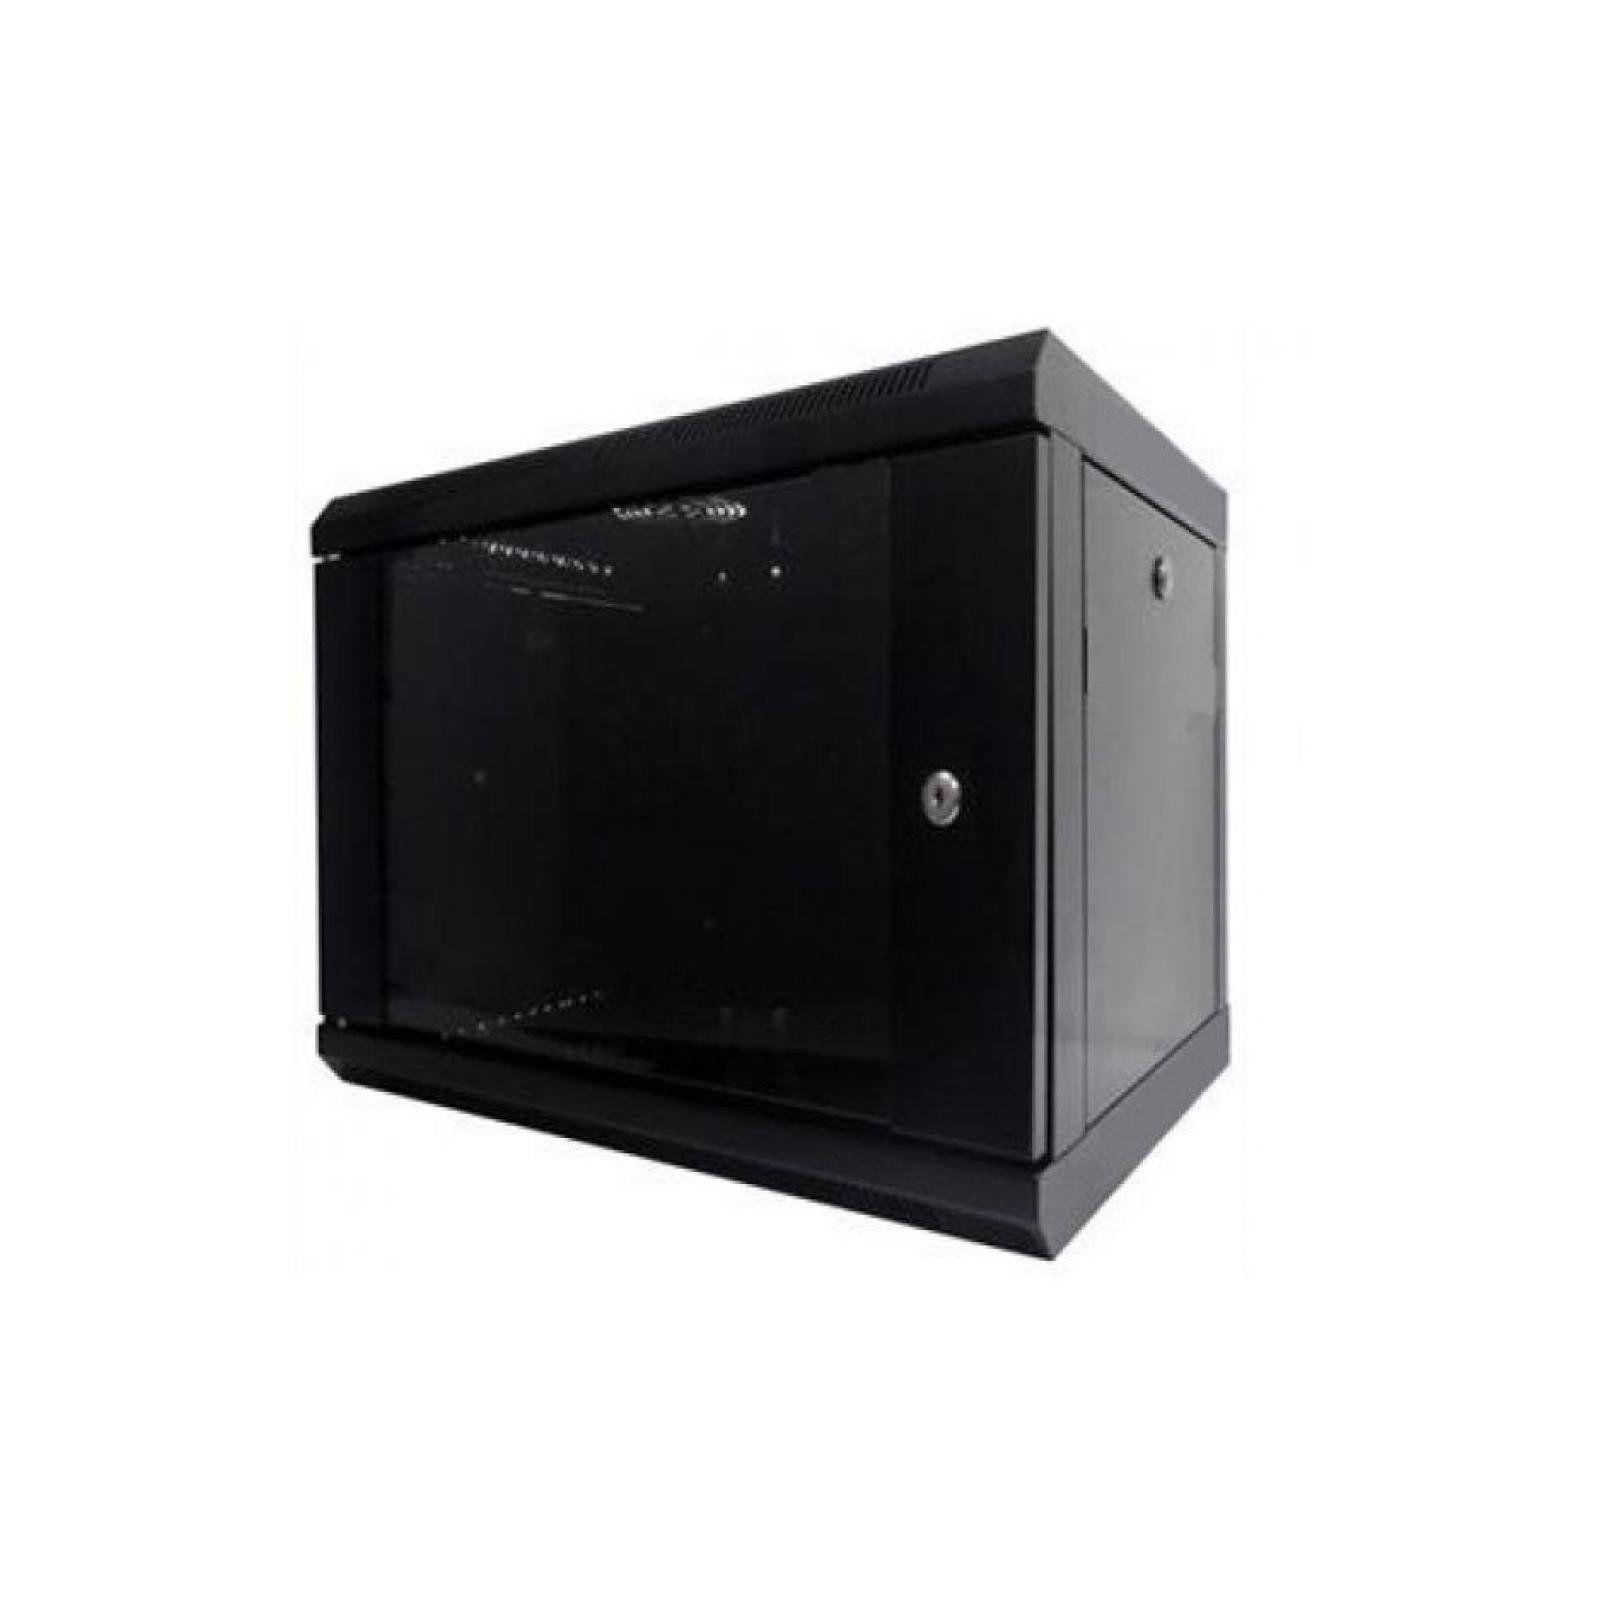 """Шкаф настенный Hypernet 6U 19"""" 600x350 (WMNC-35-6U-FLAT-BLACK)"""